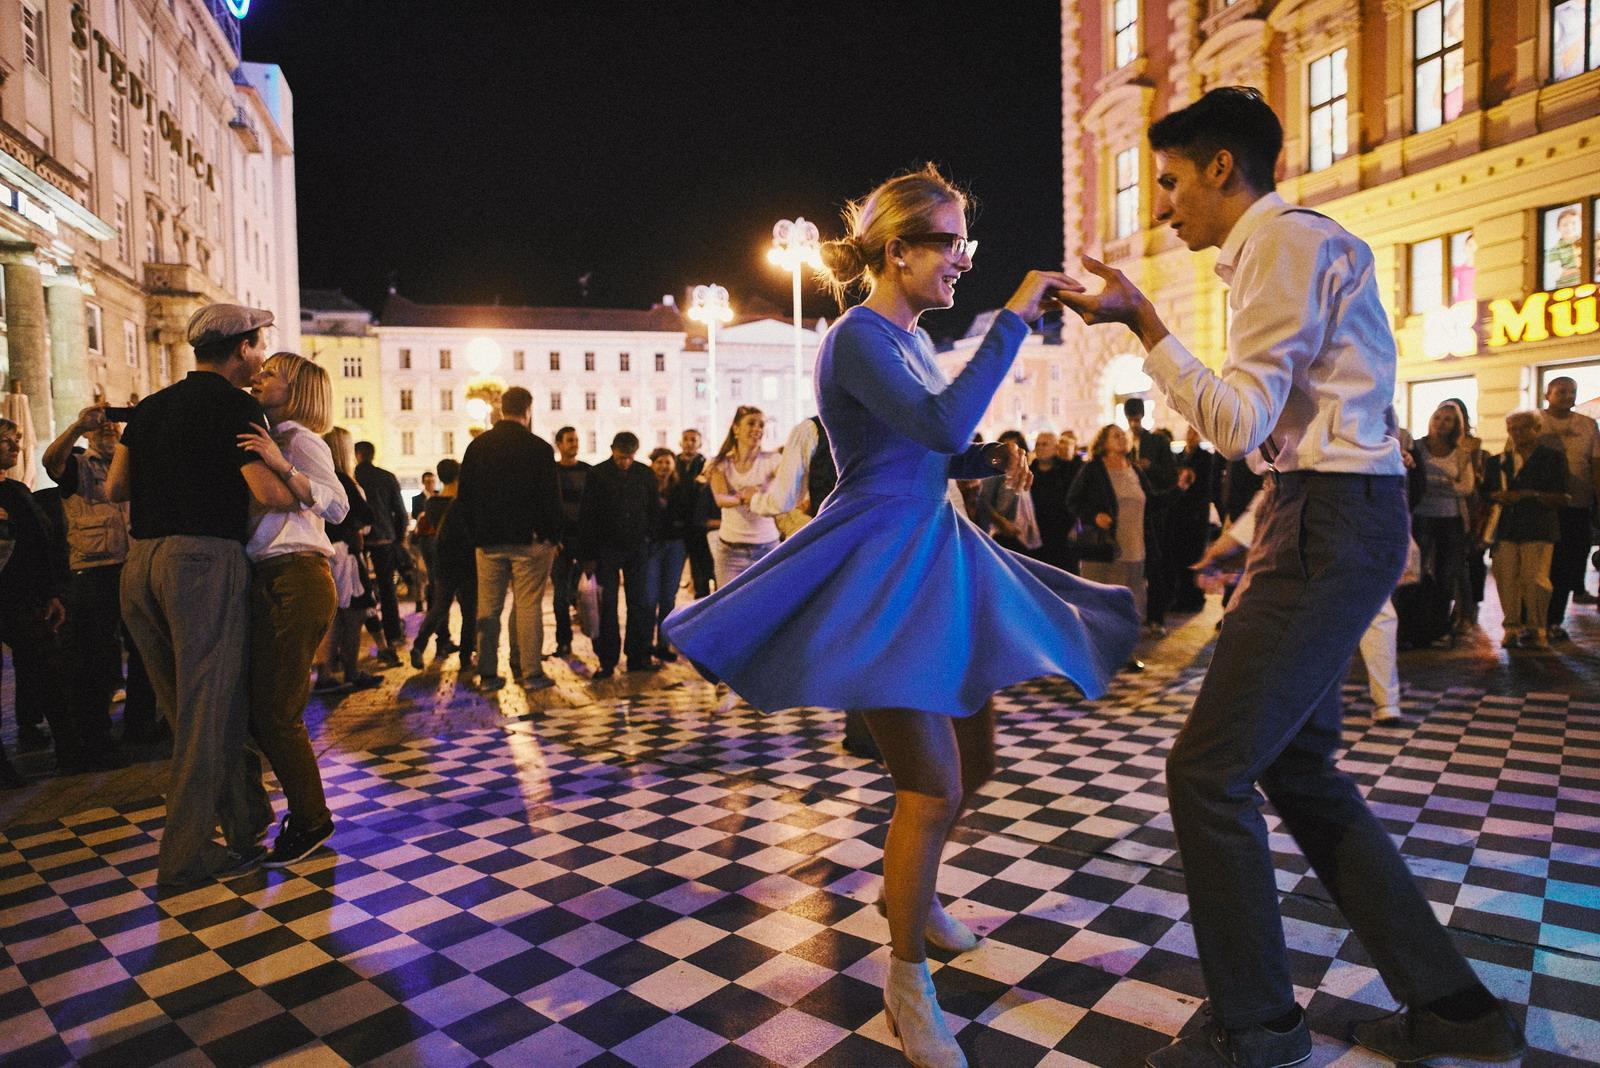 plešući sa zvijezdama iz 2015. godine